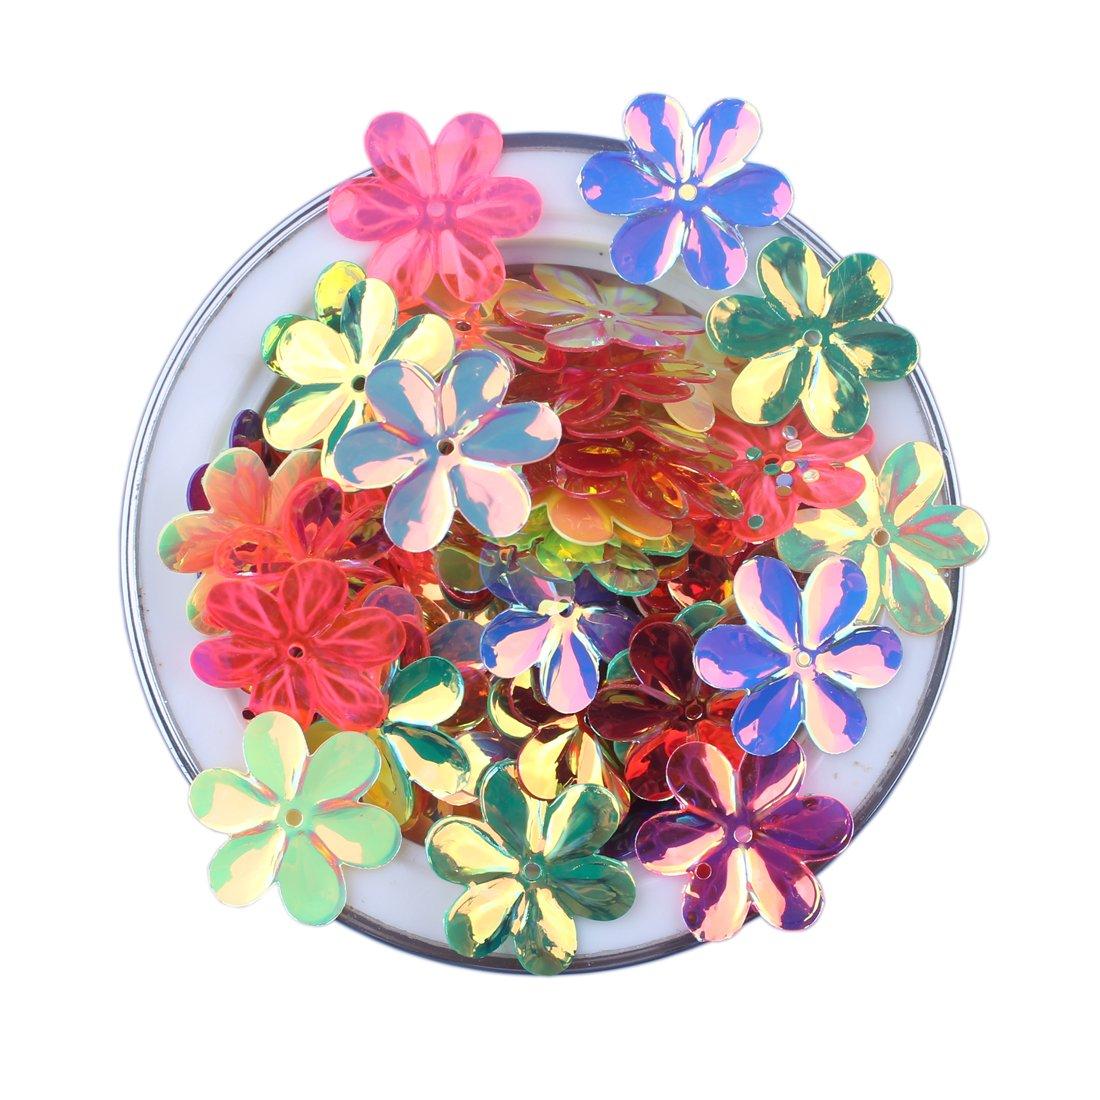 lentejuelas de flores de tamaño mediano 15 mm KimmyKu KM0291-2